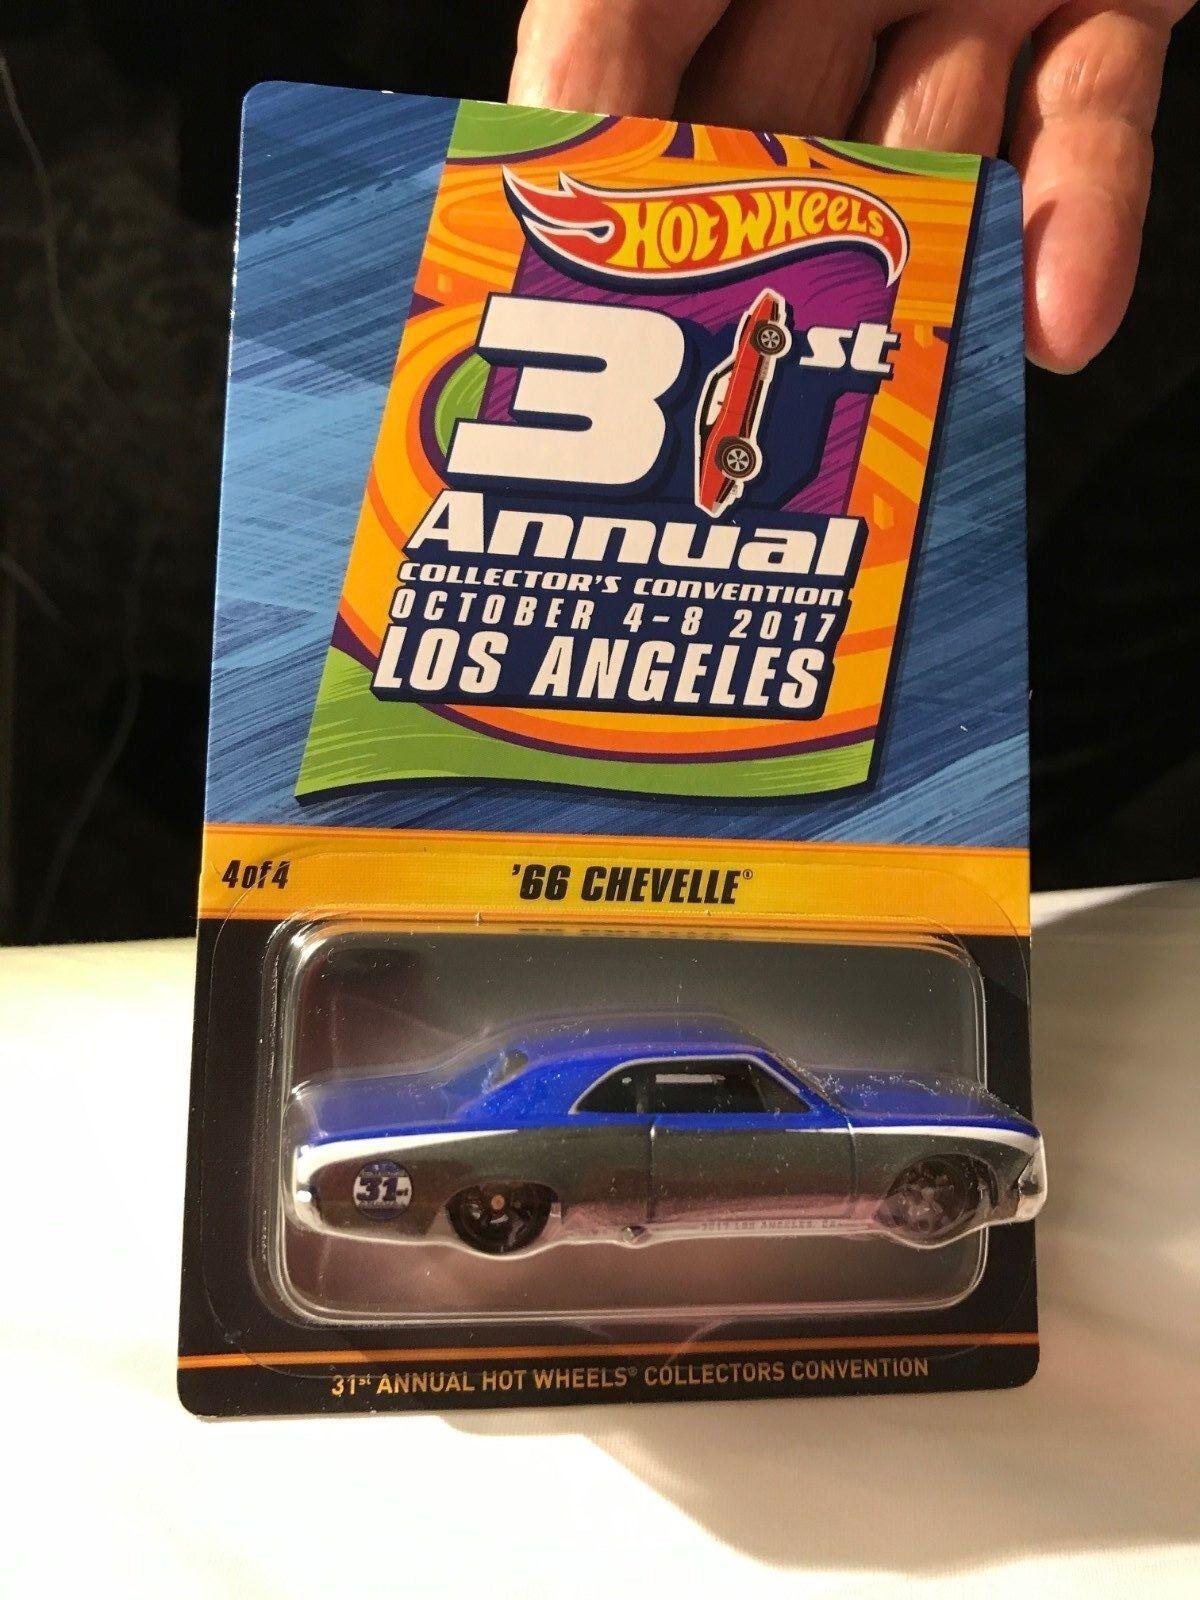 2017 Hot Wheels 31st Convention LA  4 FINALE 66 Chevelle 1 of 1400